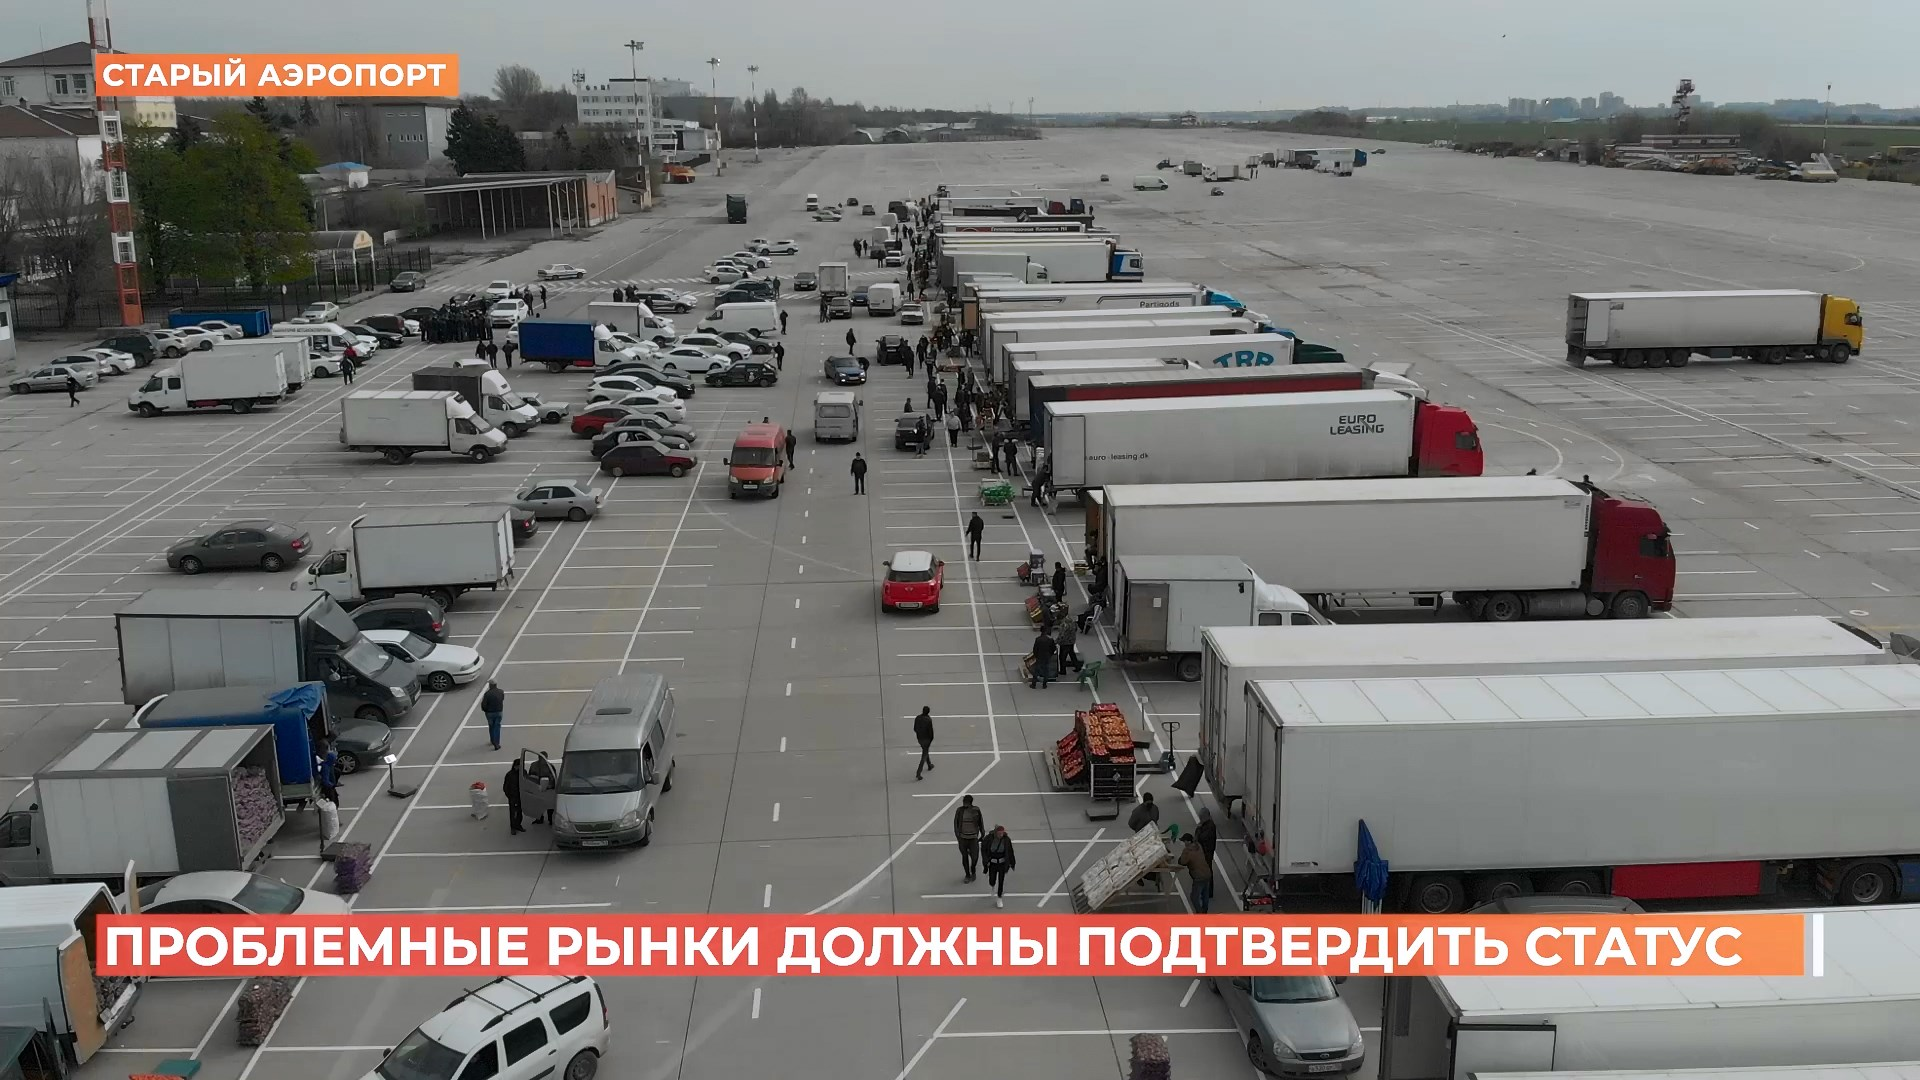 Овощной рынок из Аксайского района переехал на территорию старого аэропорта